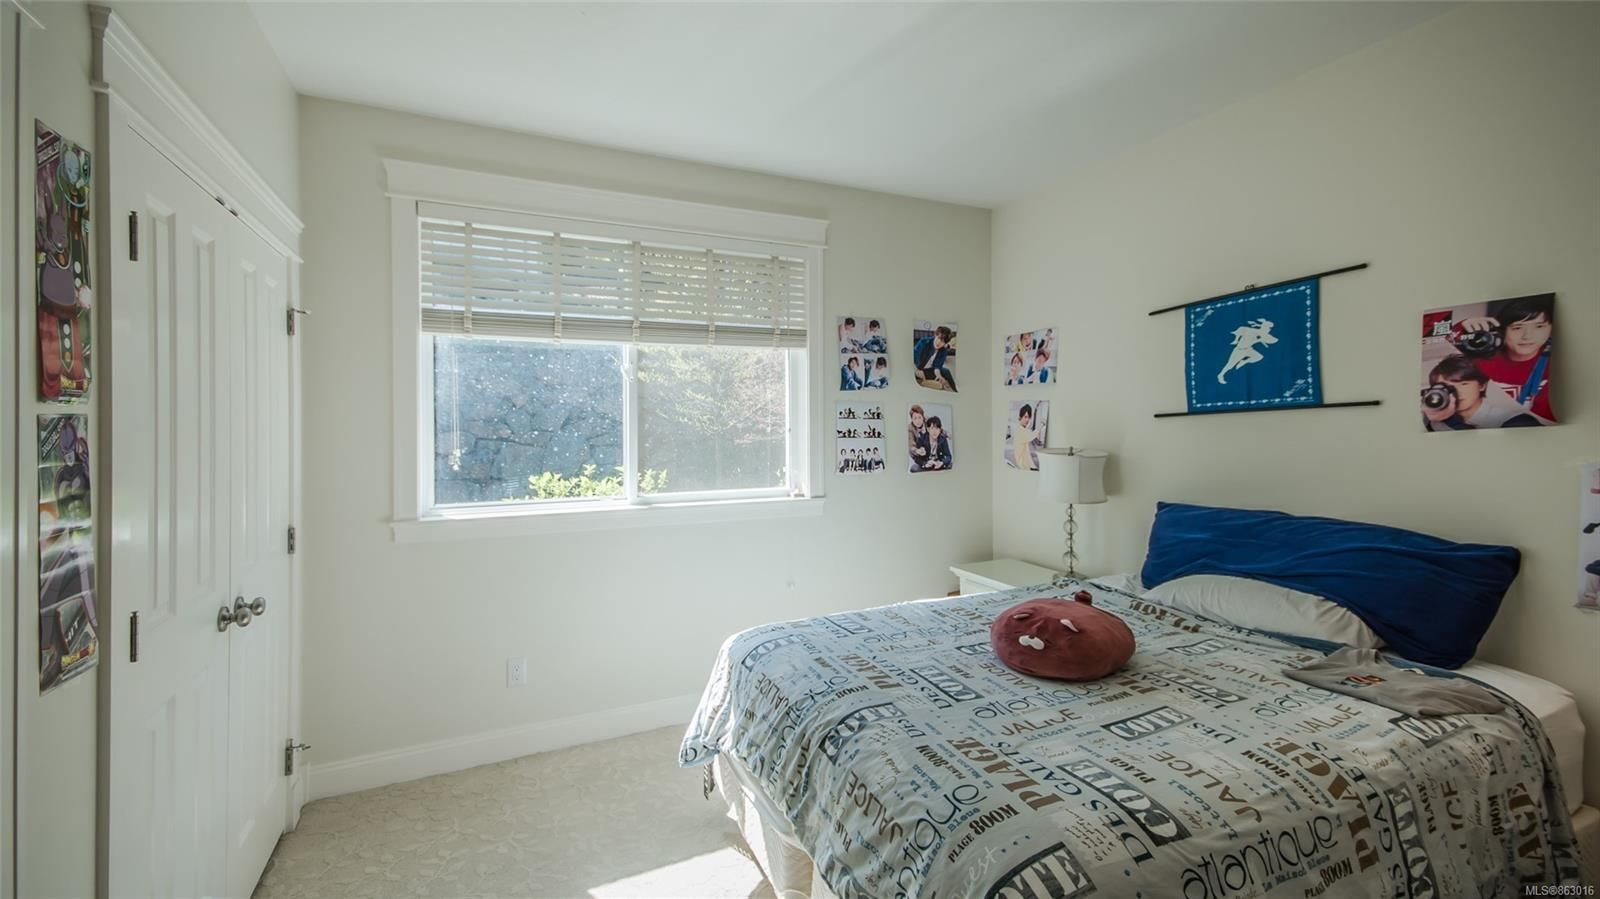 Photo 23: Photos: 5361 Laguna Way in : Na North Nanaimo House for sale (Nanaimo)  : MLS®# 863016